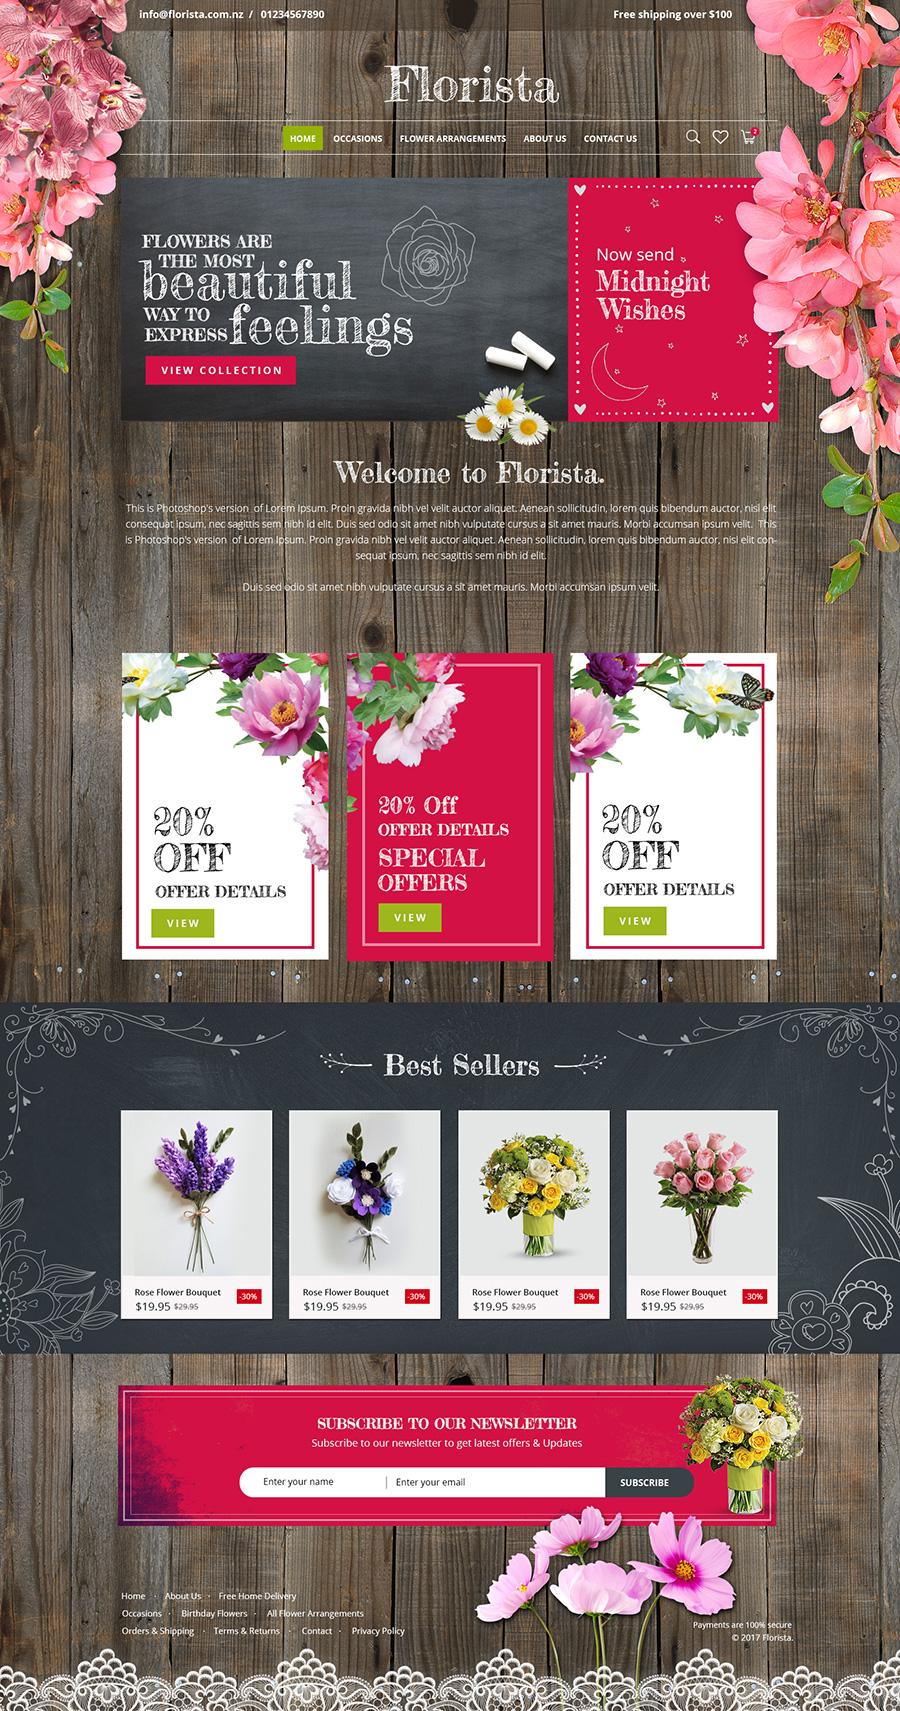 beautiful florist website design